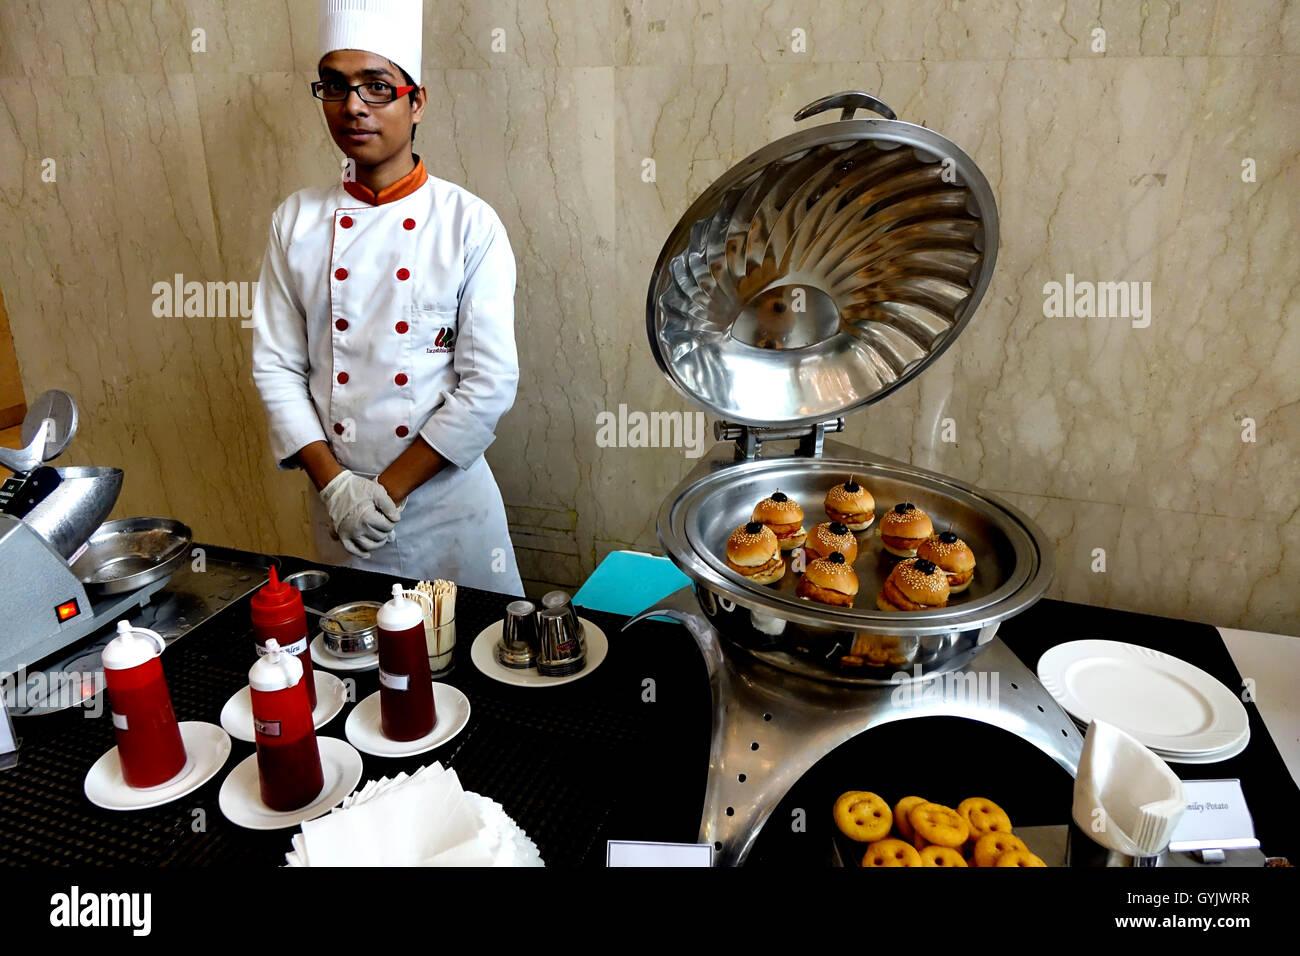 Un splendide déjeuner buffet à l'hôtel Country Inn & Suites, sahibabad, haut, Inde Photo Stock